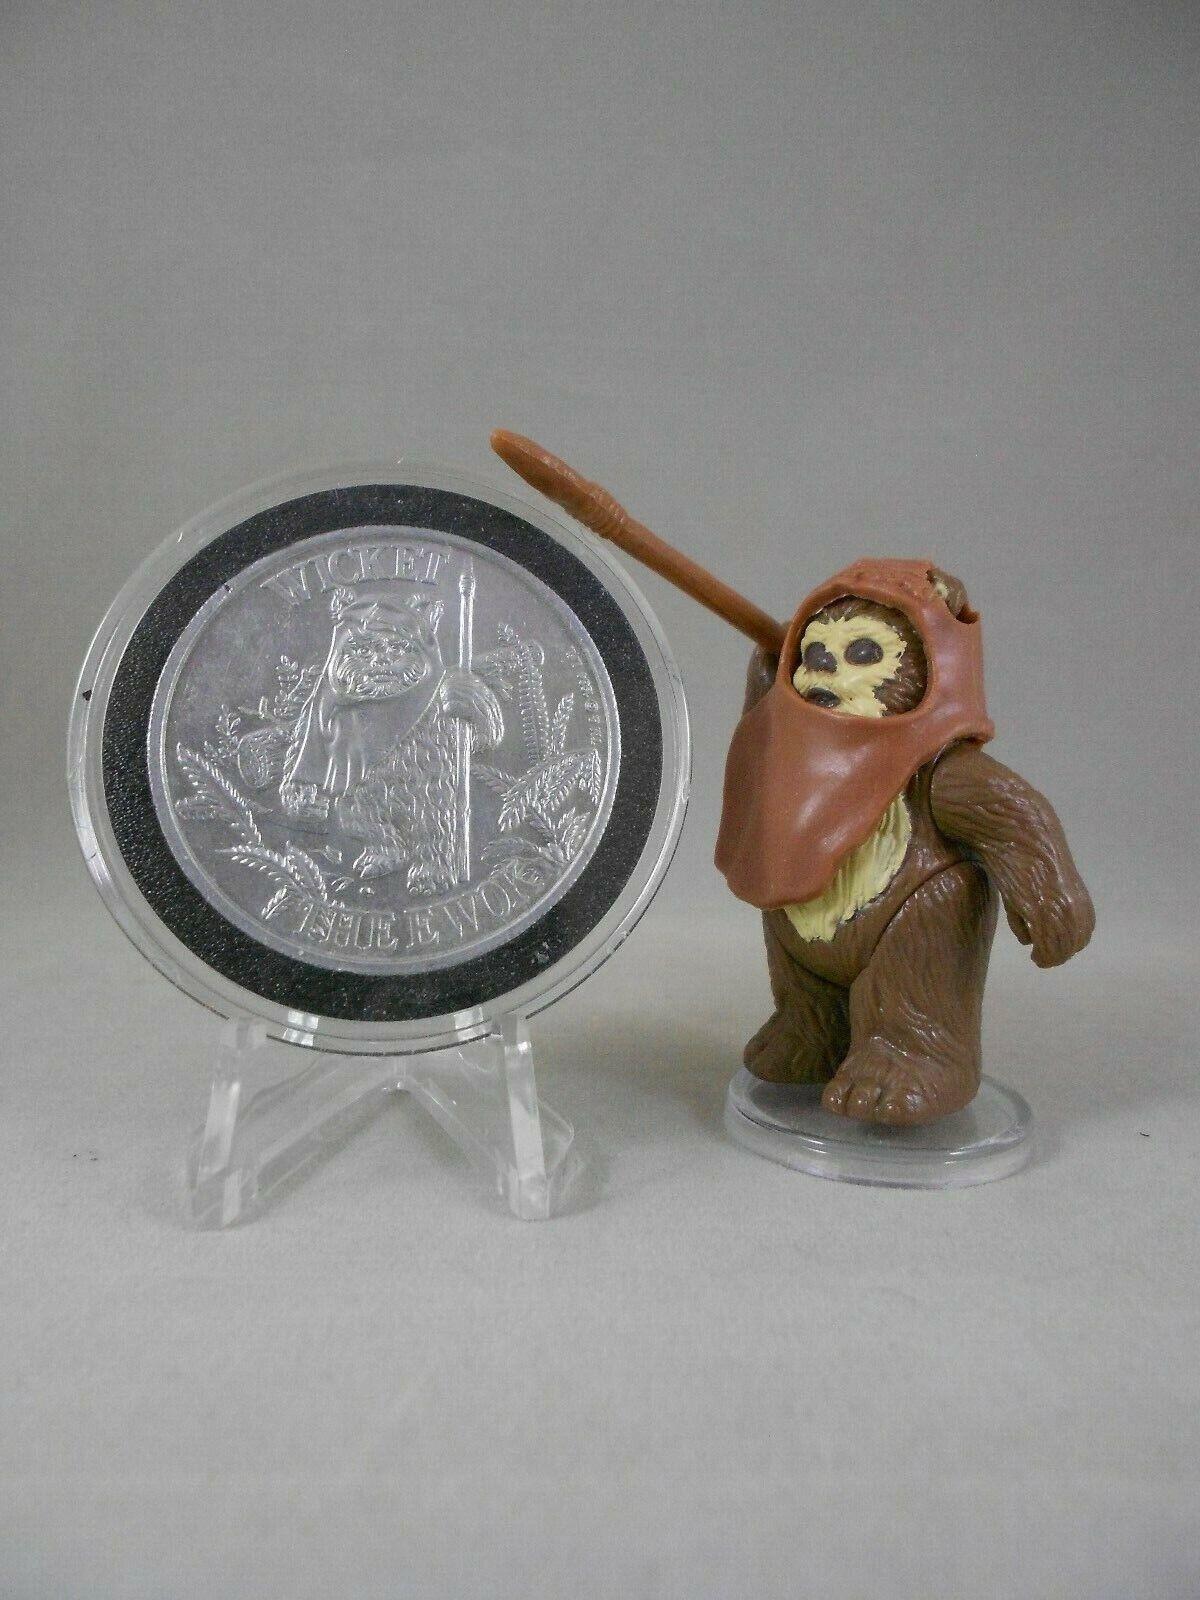 Vintage Star Wars ROTJ 1984 Wicket - E N Mint -  Vintage Complete  w POTF Coin